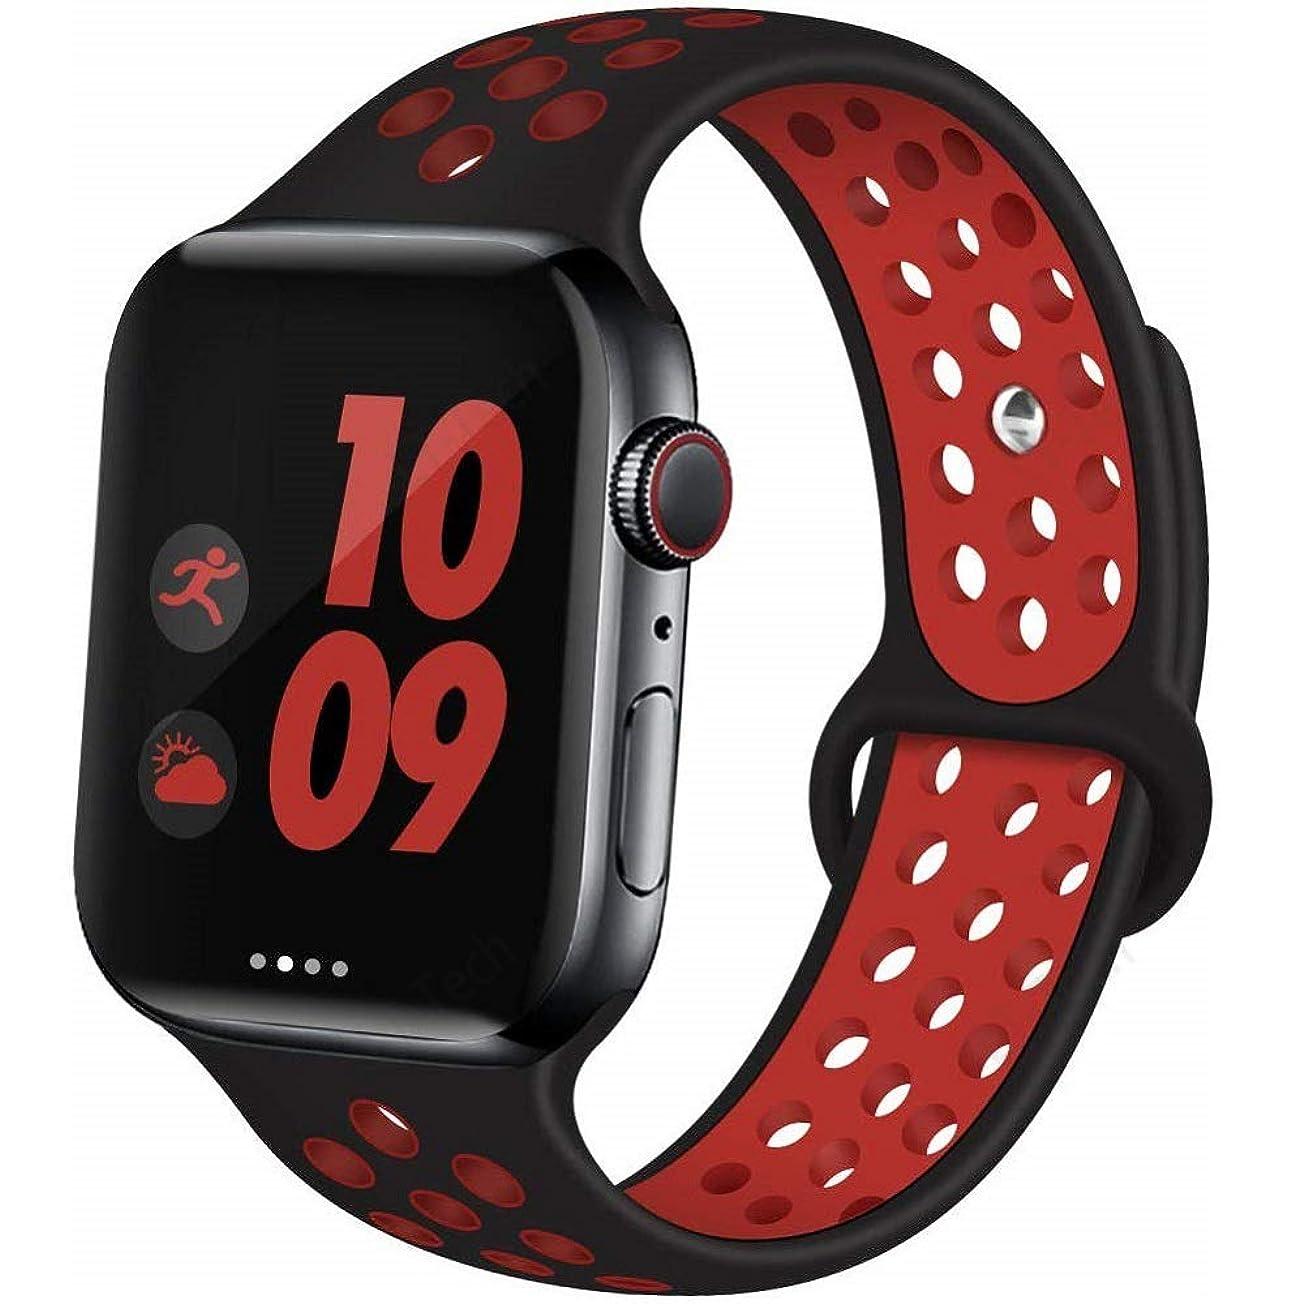 相談する適度に放射するApple Watch Band アップルウォッチ バンド Compatible Apple Watch バンド Apple Watch Series 5/4/3/2/1 (38/40mm,黒+赤)